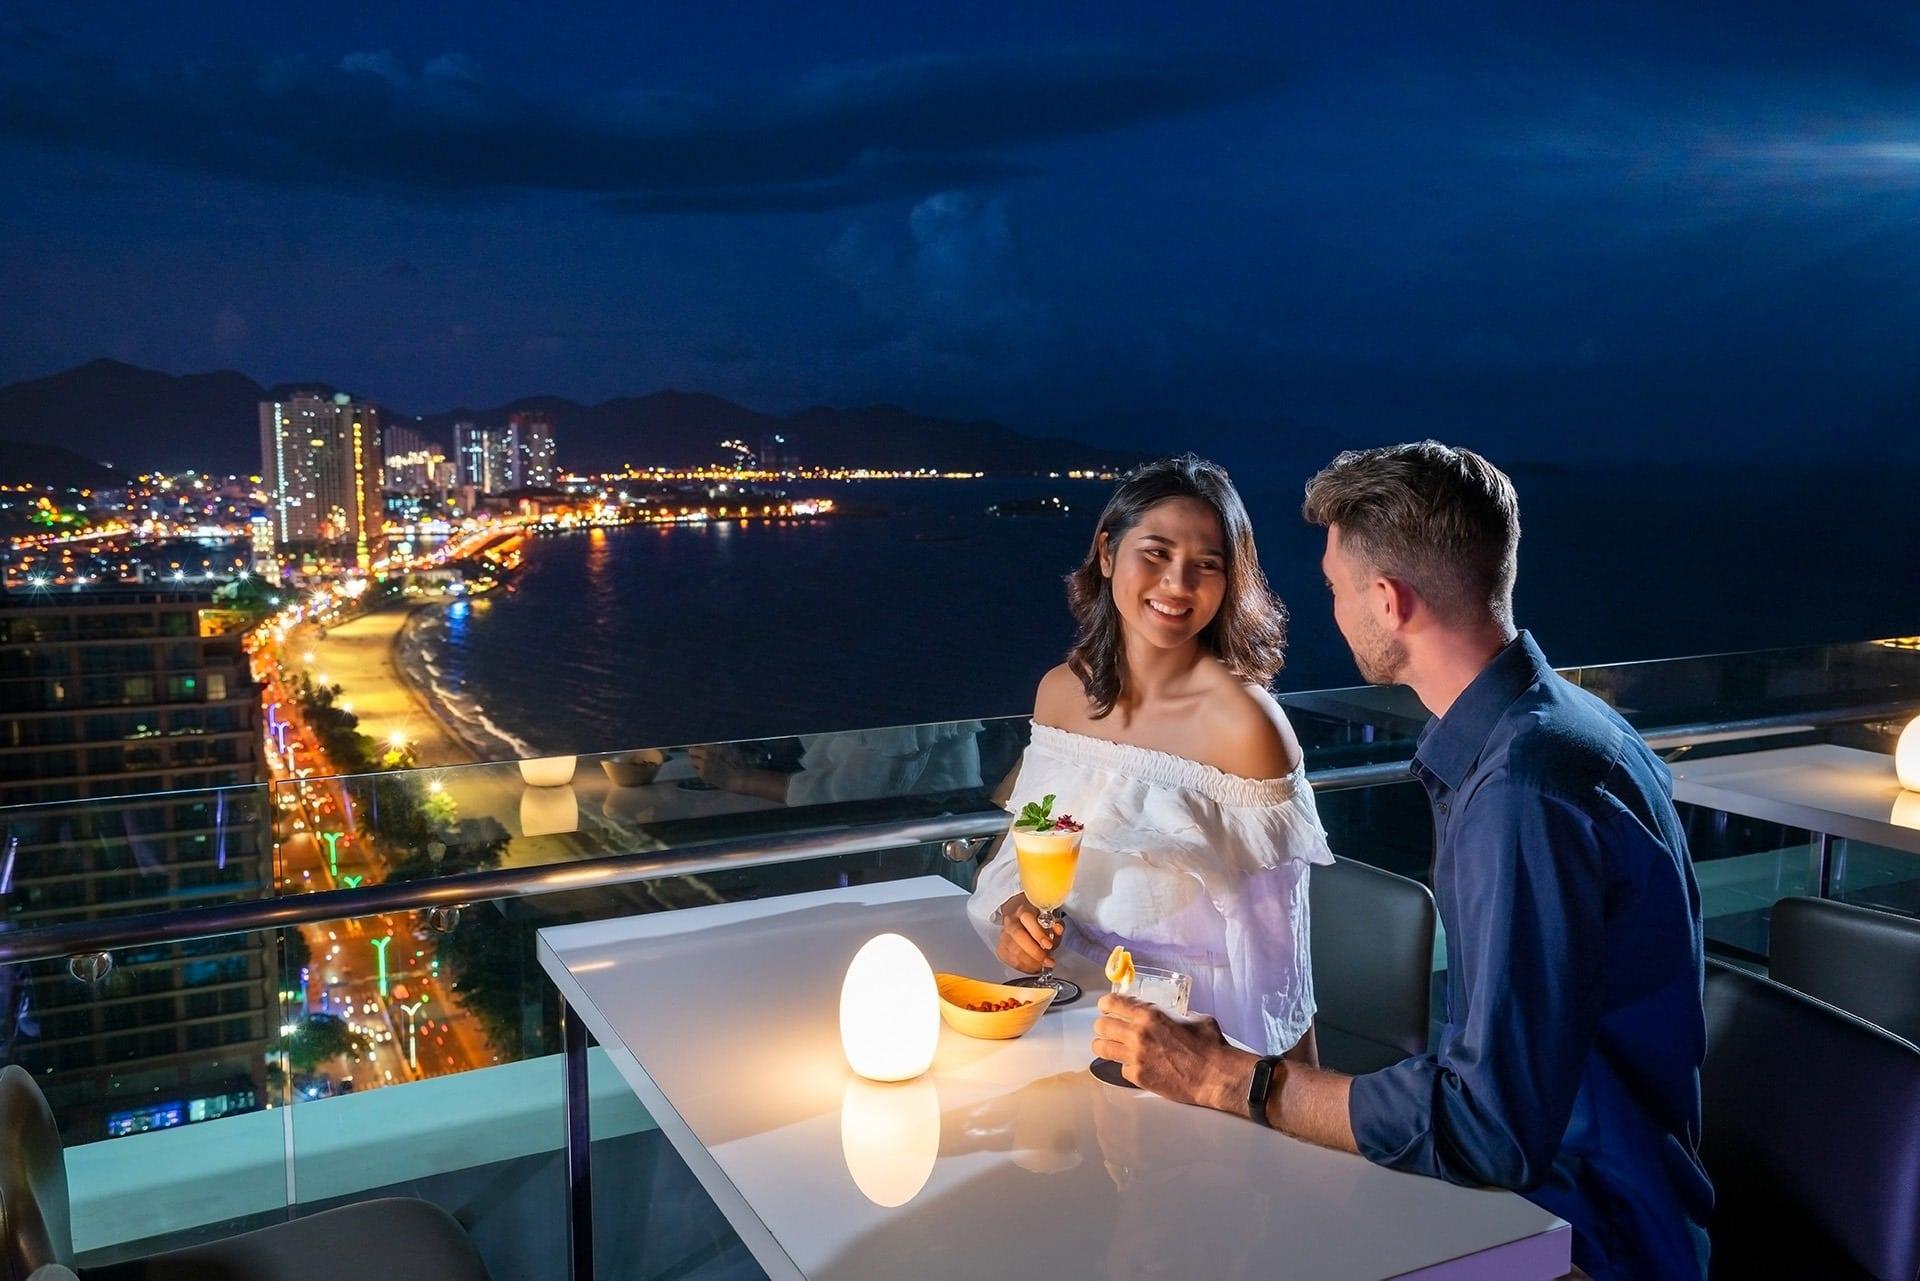 Du lịch Nha Trang nên đi chơi, ngắm cảnh đẹp ở đâu vào buổi tối: Địa điểm ngắm toàn cảnh thành phố Nha Trang về đêm